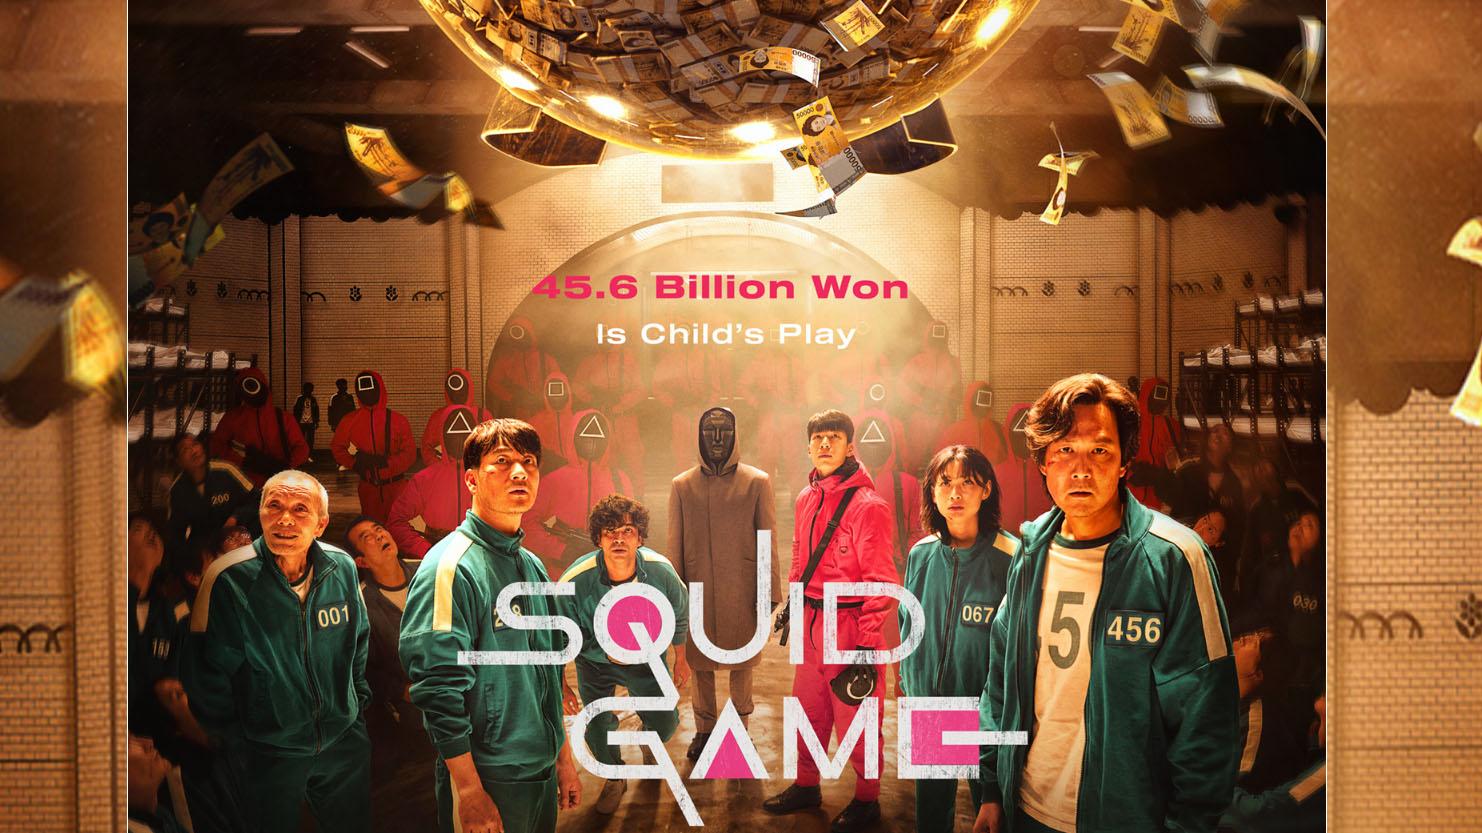 संसारकै ध्यान तान्दै कोरियाली सिरियल 'स्क्विड गेम', ९० देशमा कसरी बन्यो पहिलो नम्बरको शो ?